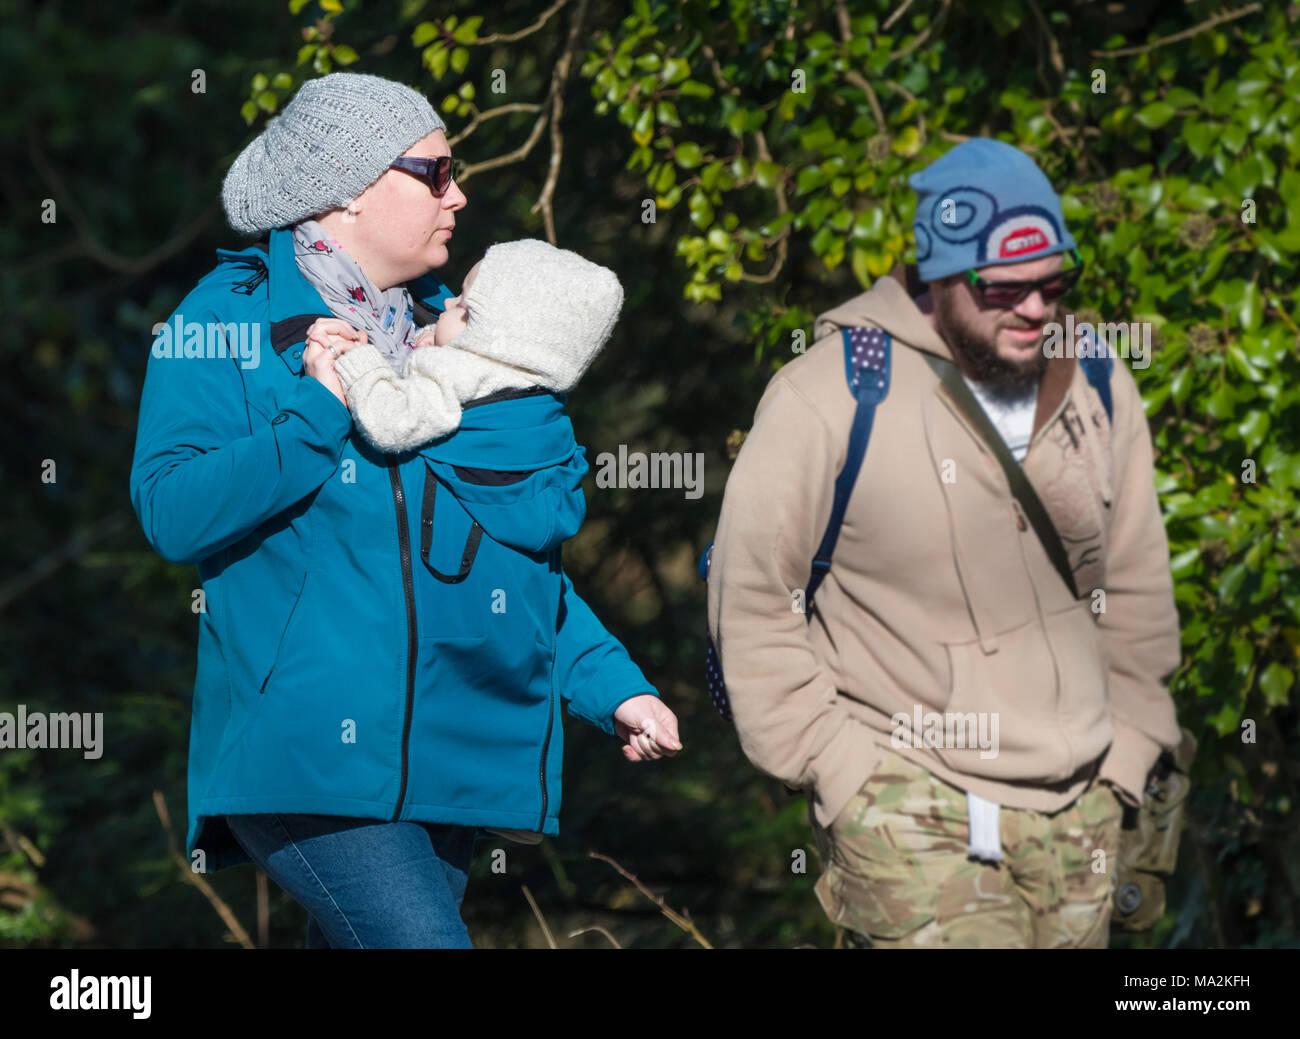 Una pareja caminando en invierno con la mujer que llevaba a un bebé en un soporte conectado a su frente. Mantener al niño cerca. Imagen De Stock